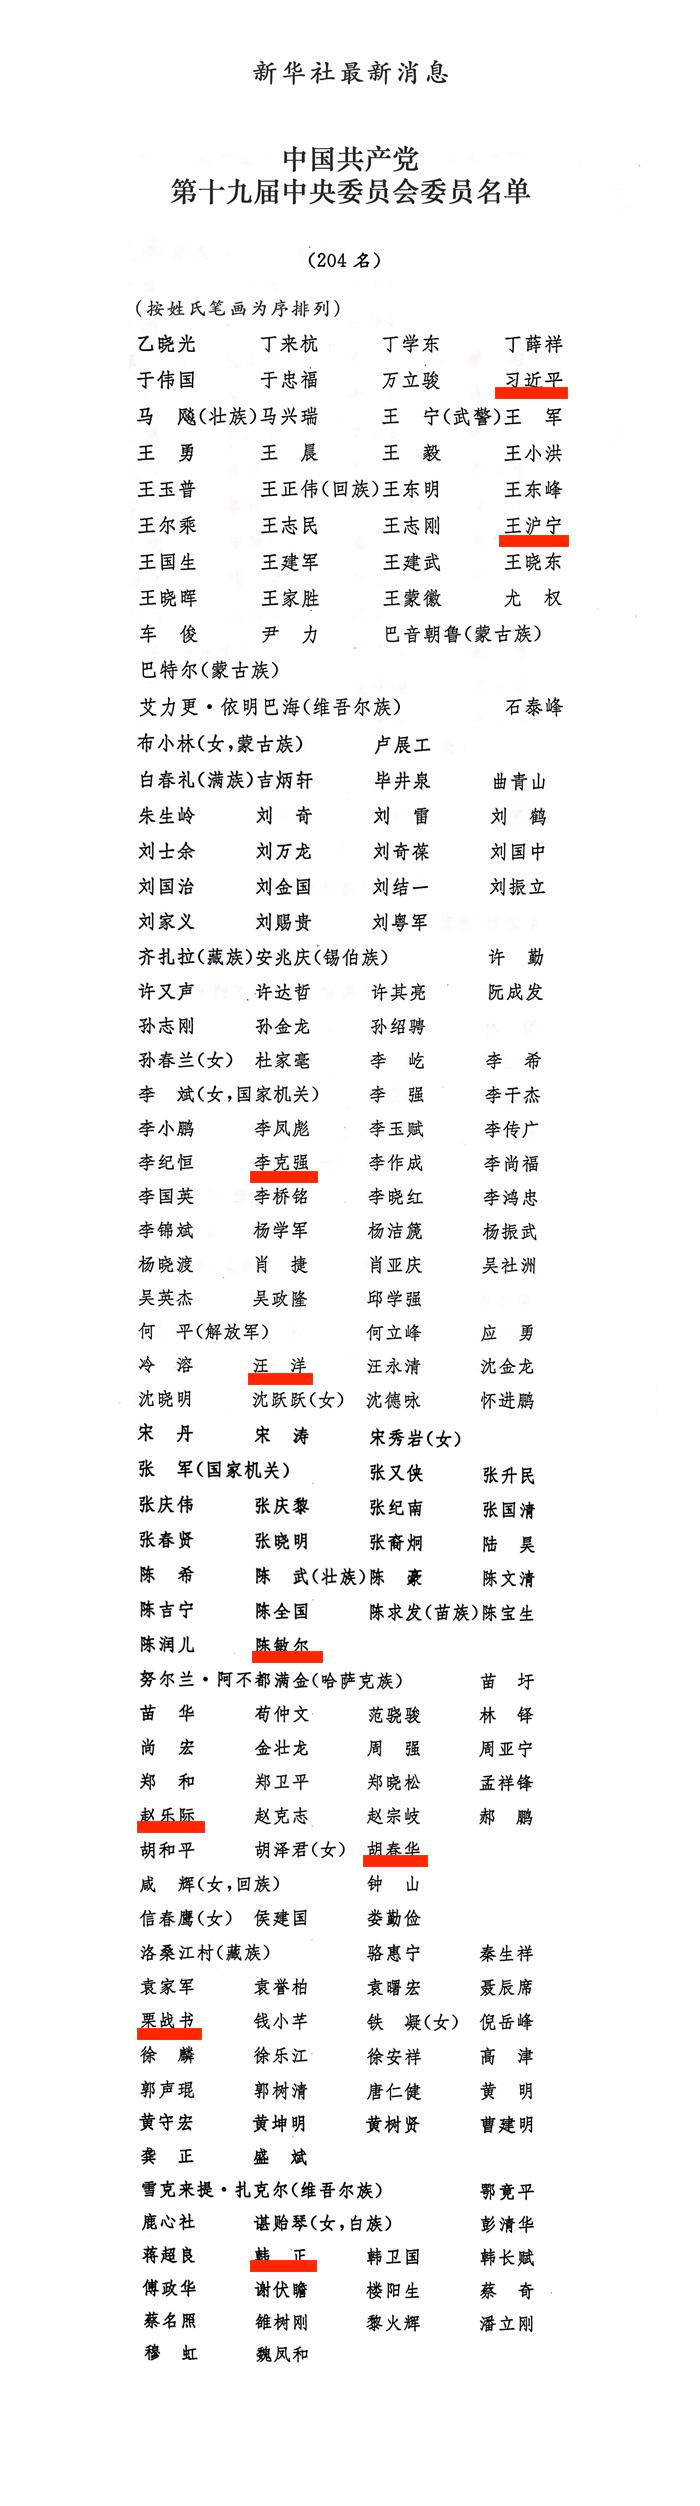 第十九屆中共中央委員名單。